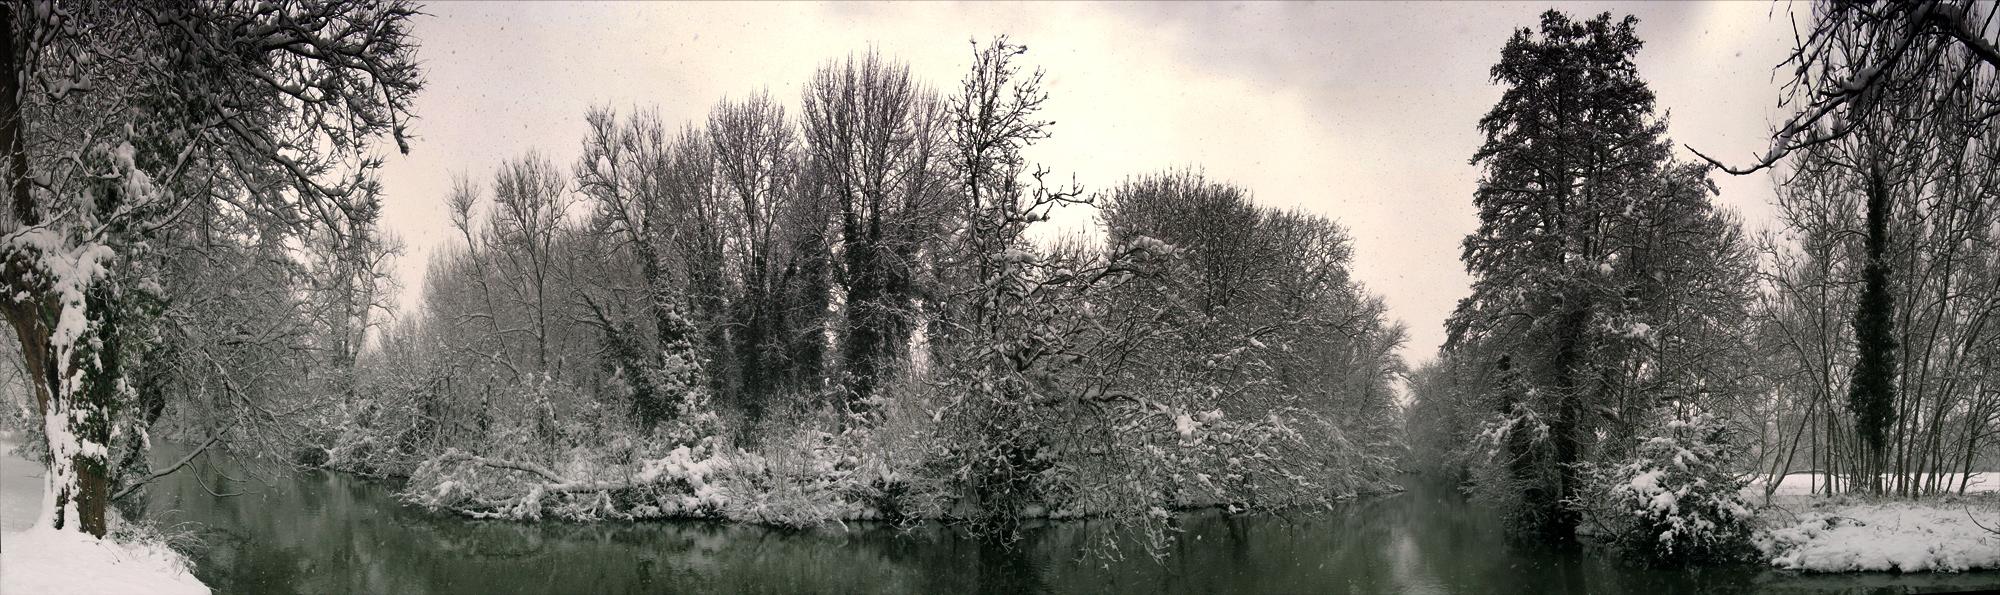 pano-cherwell